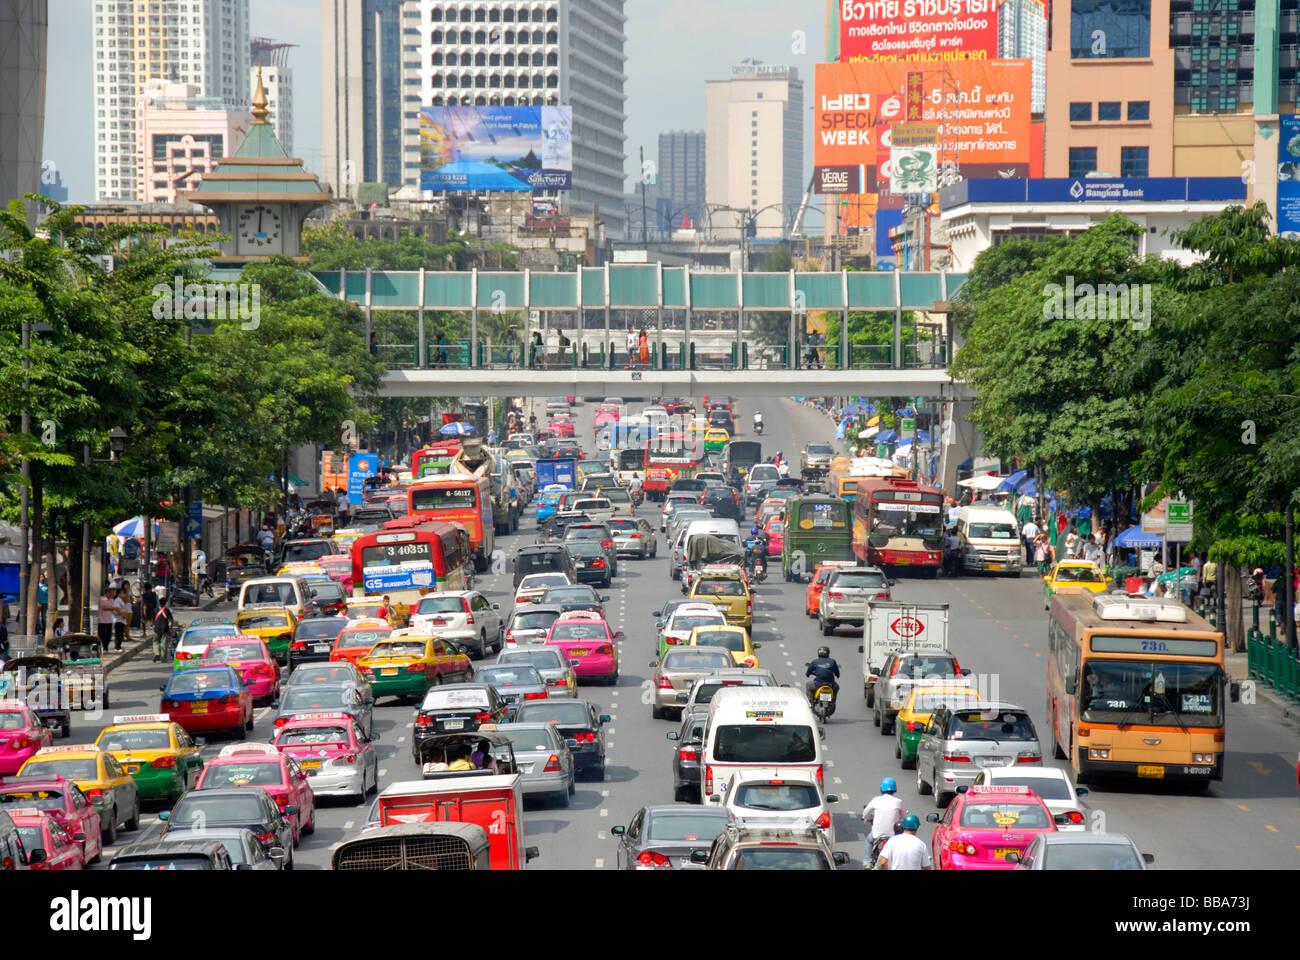 Grande città, ingorghi di traffico, auto e ciclomotori, nella parte anteriore del coloratissimo skyline, Ratchadamri Immagini Stock